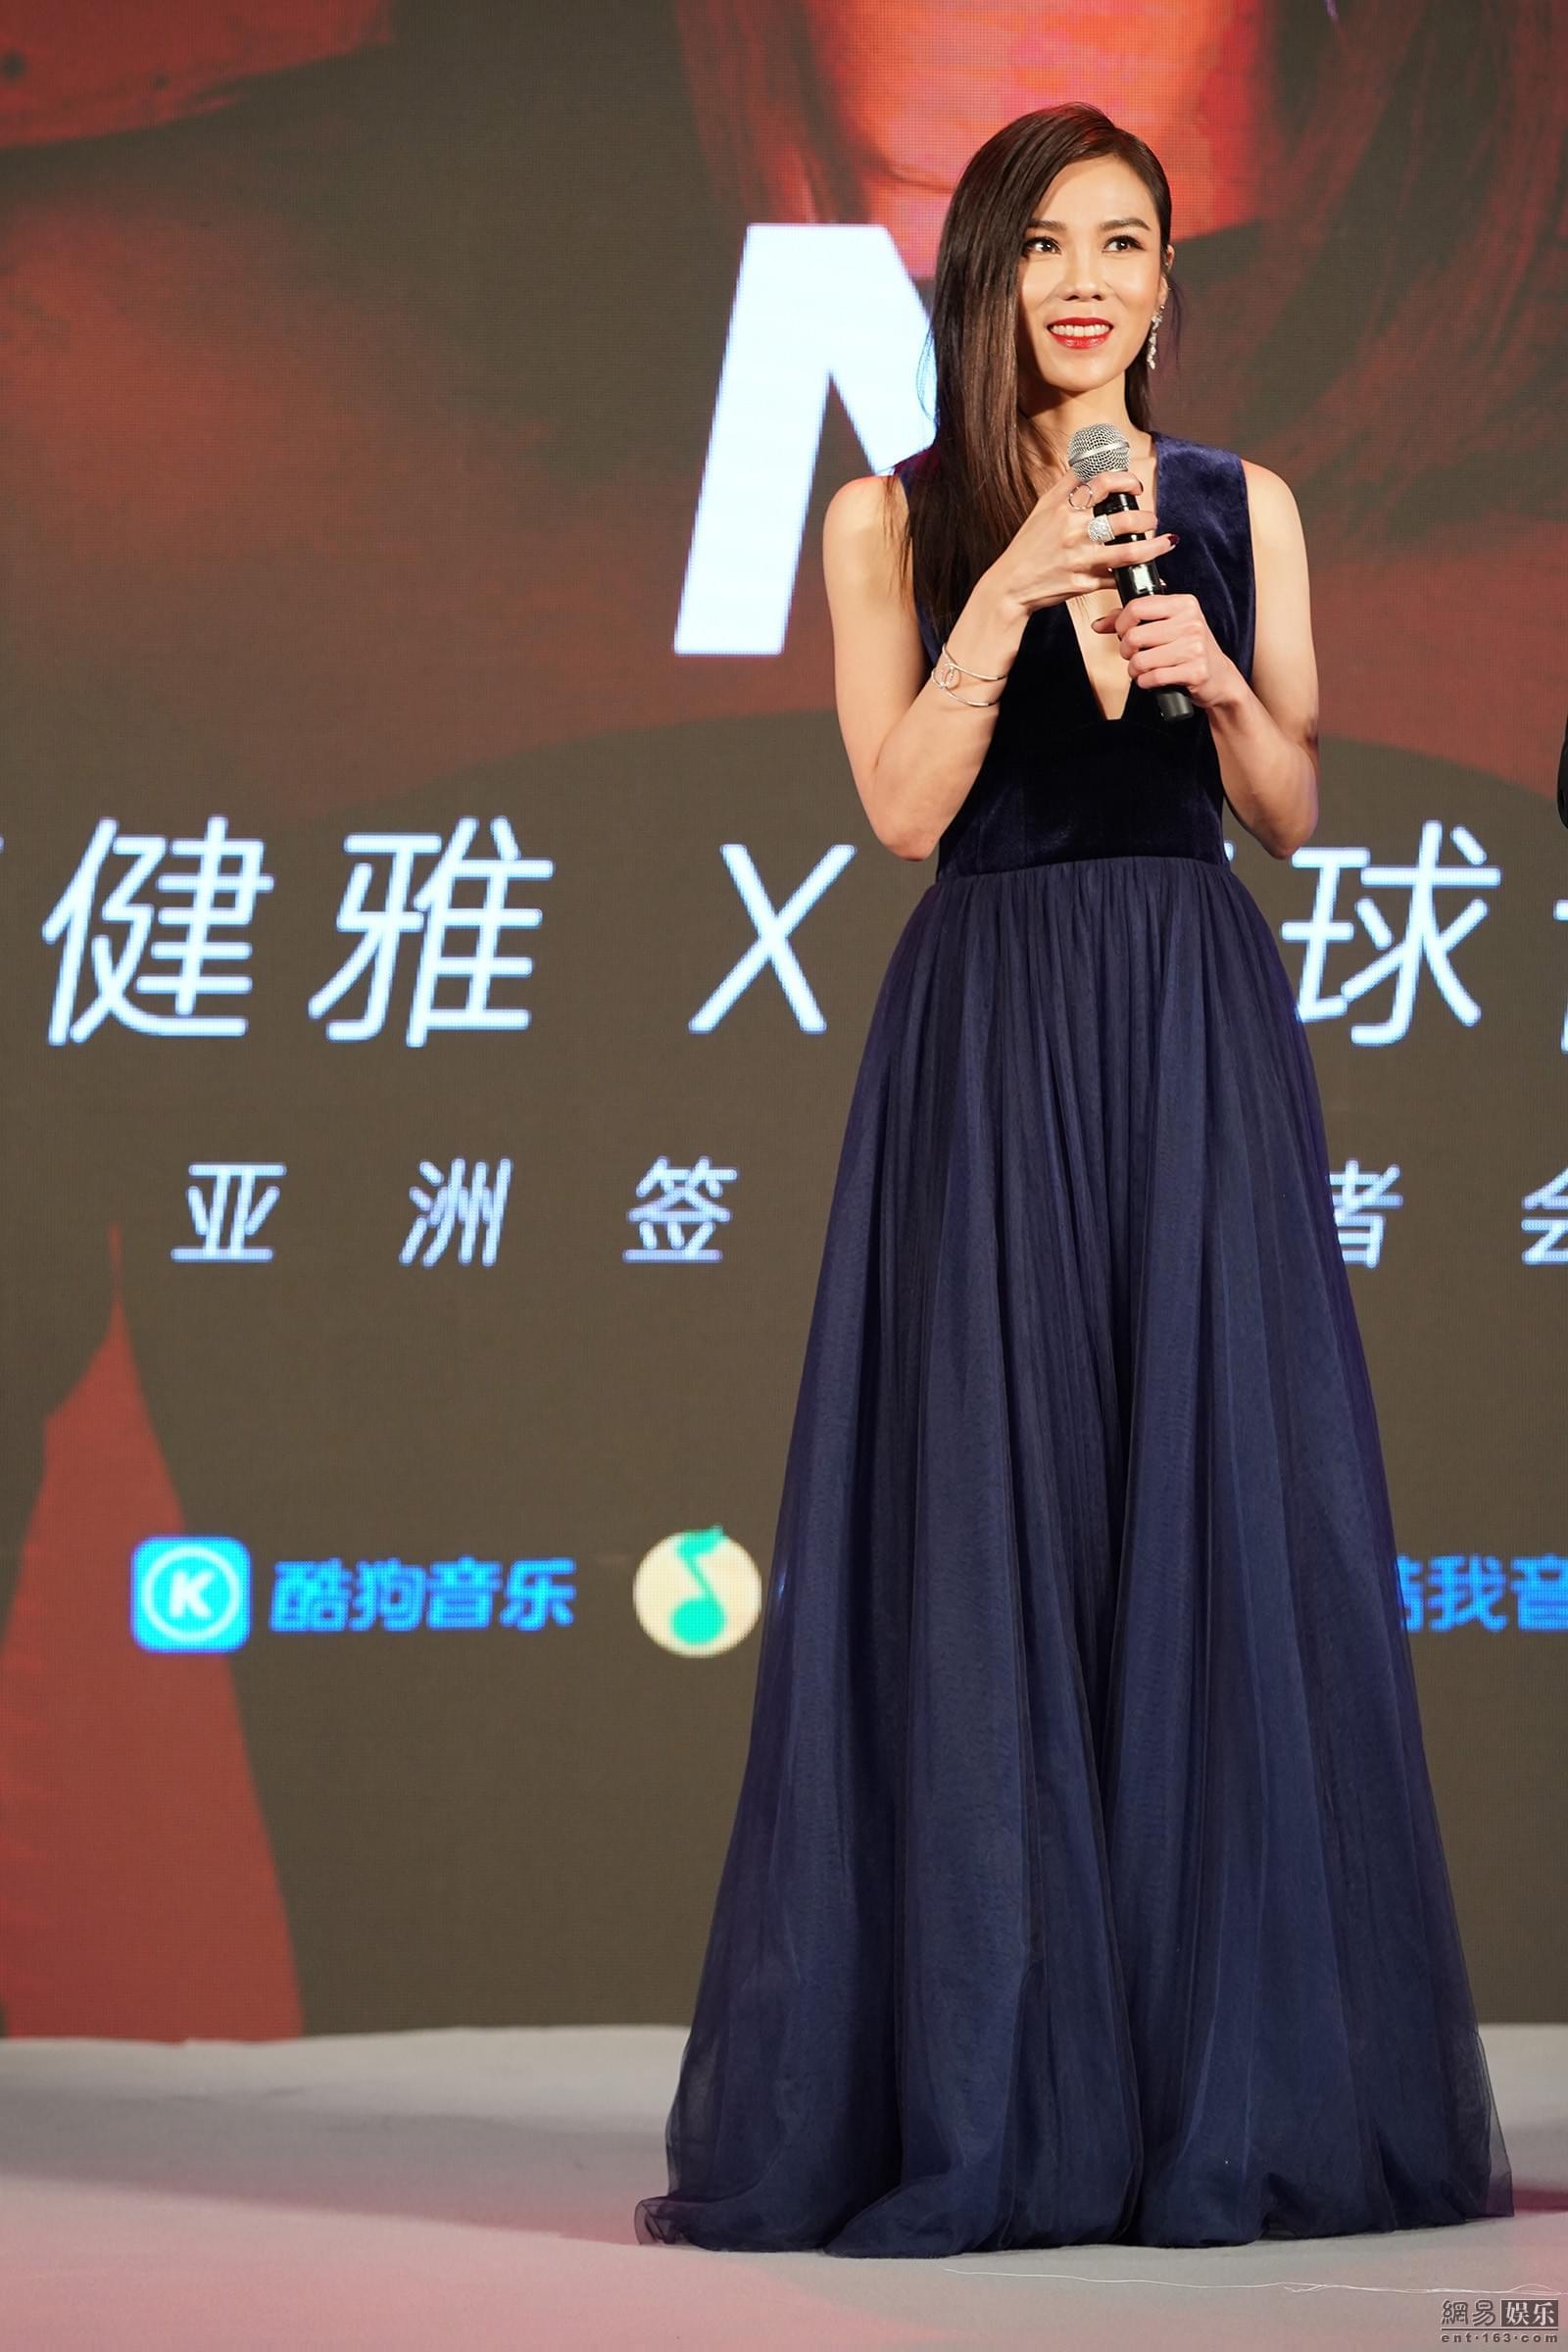 蔡健雅加盟环球开启新纪元 唱片公司给予厚望